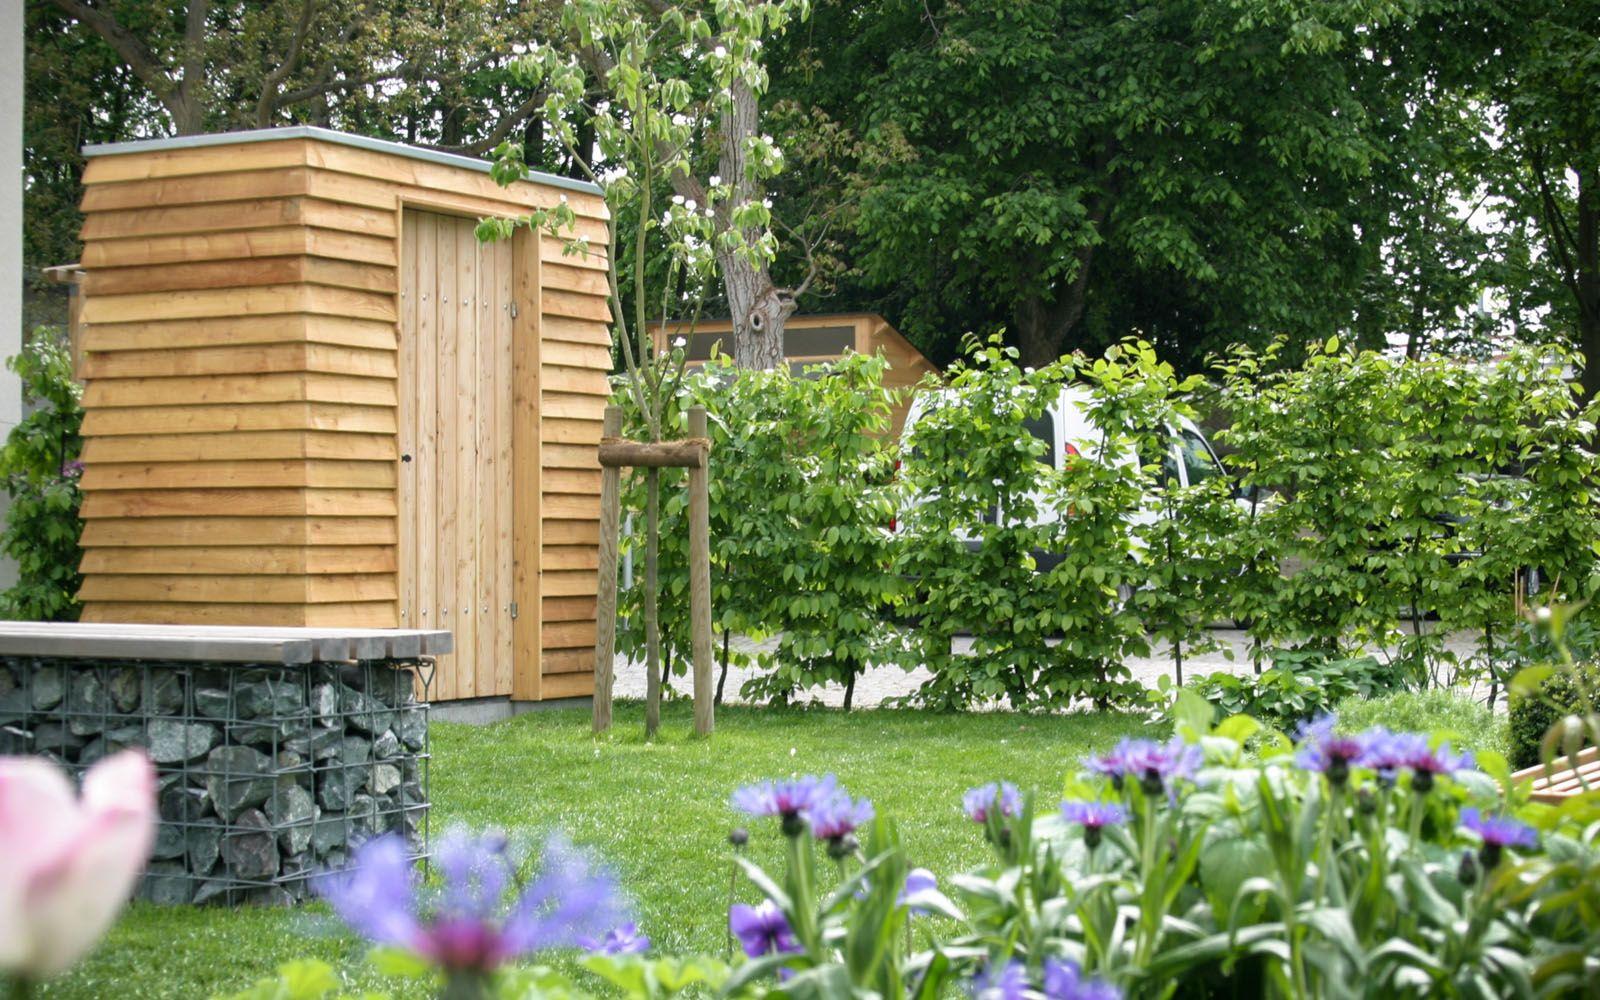 Gartenschrank Gerateschrank Werkzeugschrank Stauraum Gerateschrank Garten Garten Gartenschrank